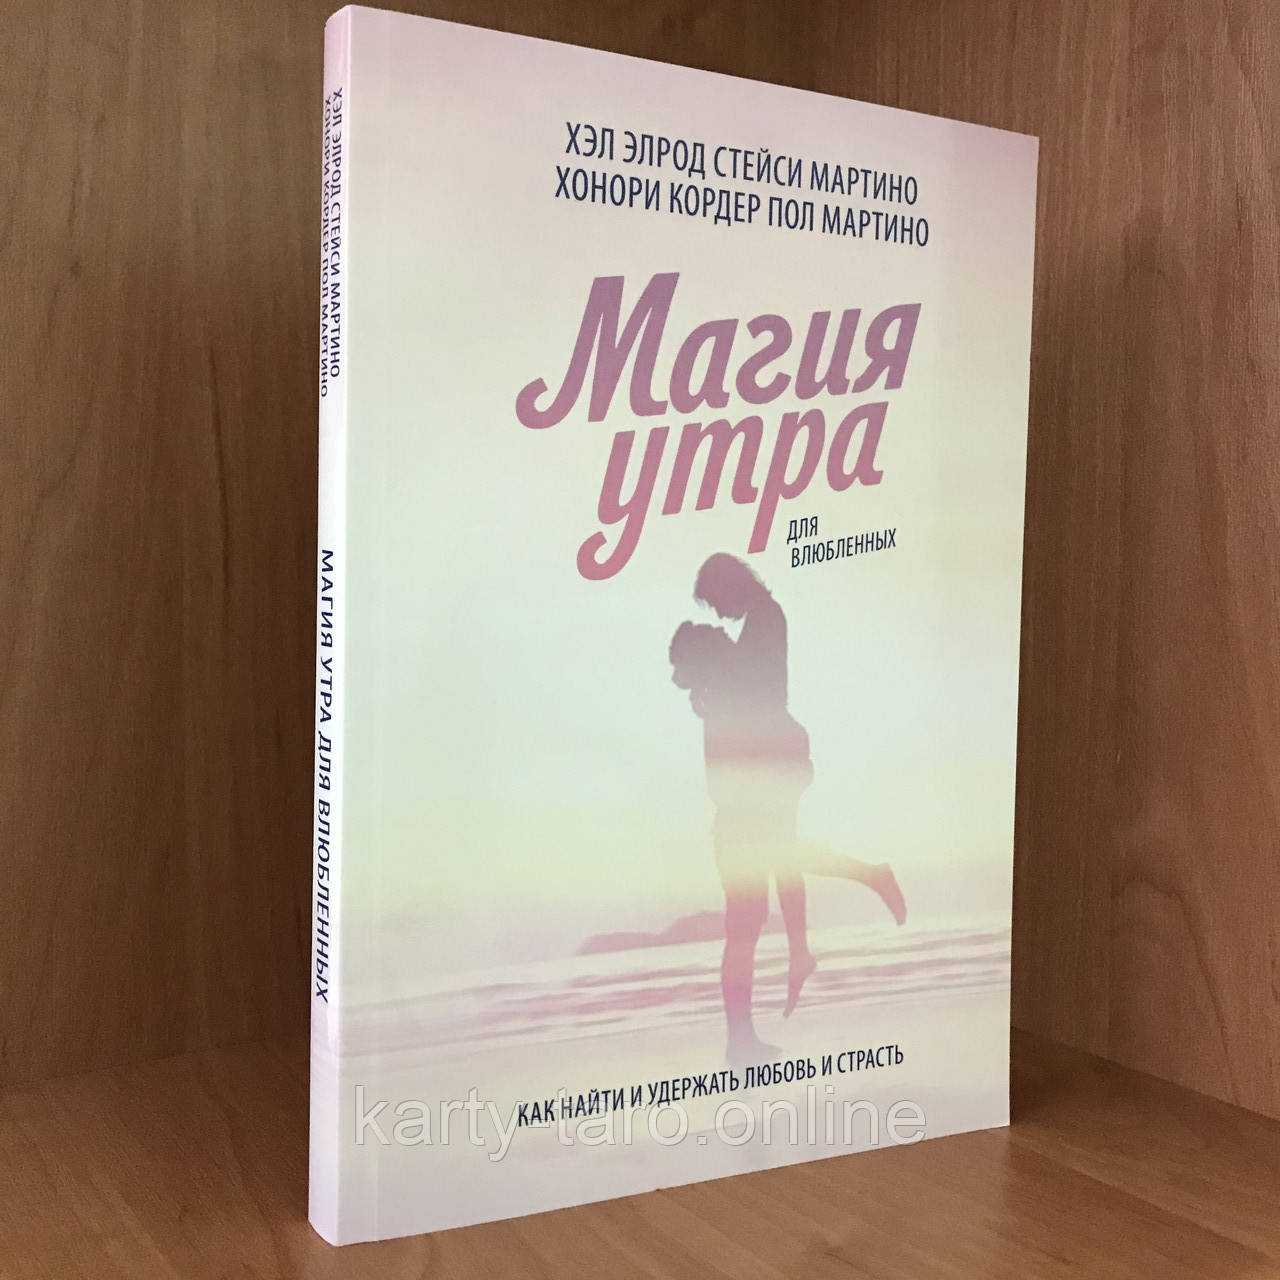 Книга Магія ранку для закоханих. Як знайти і утримати любов і пристрасть - Х. Элрод. Х. Кордер